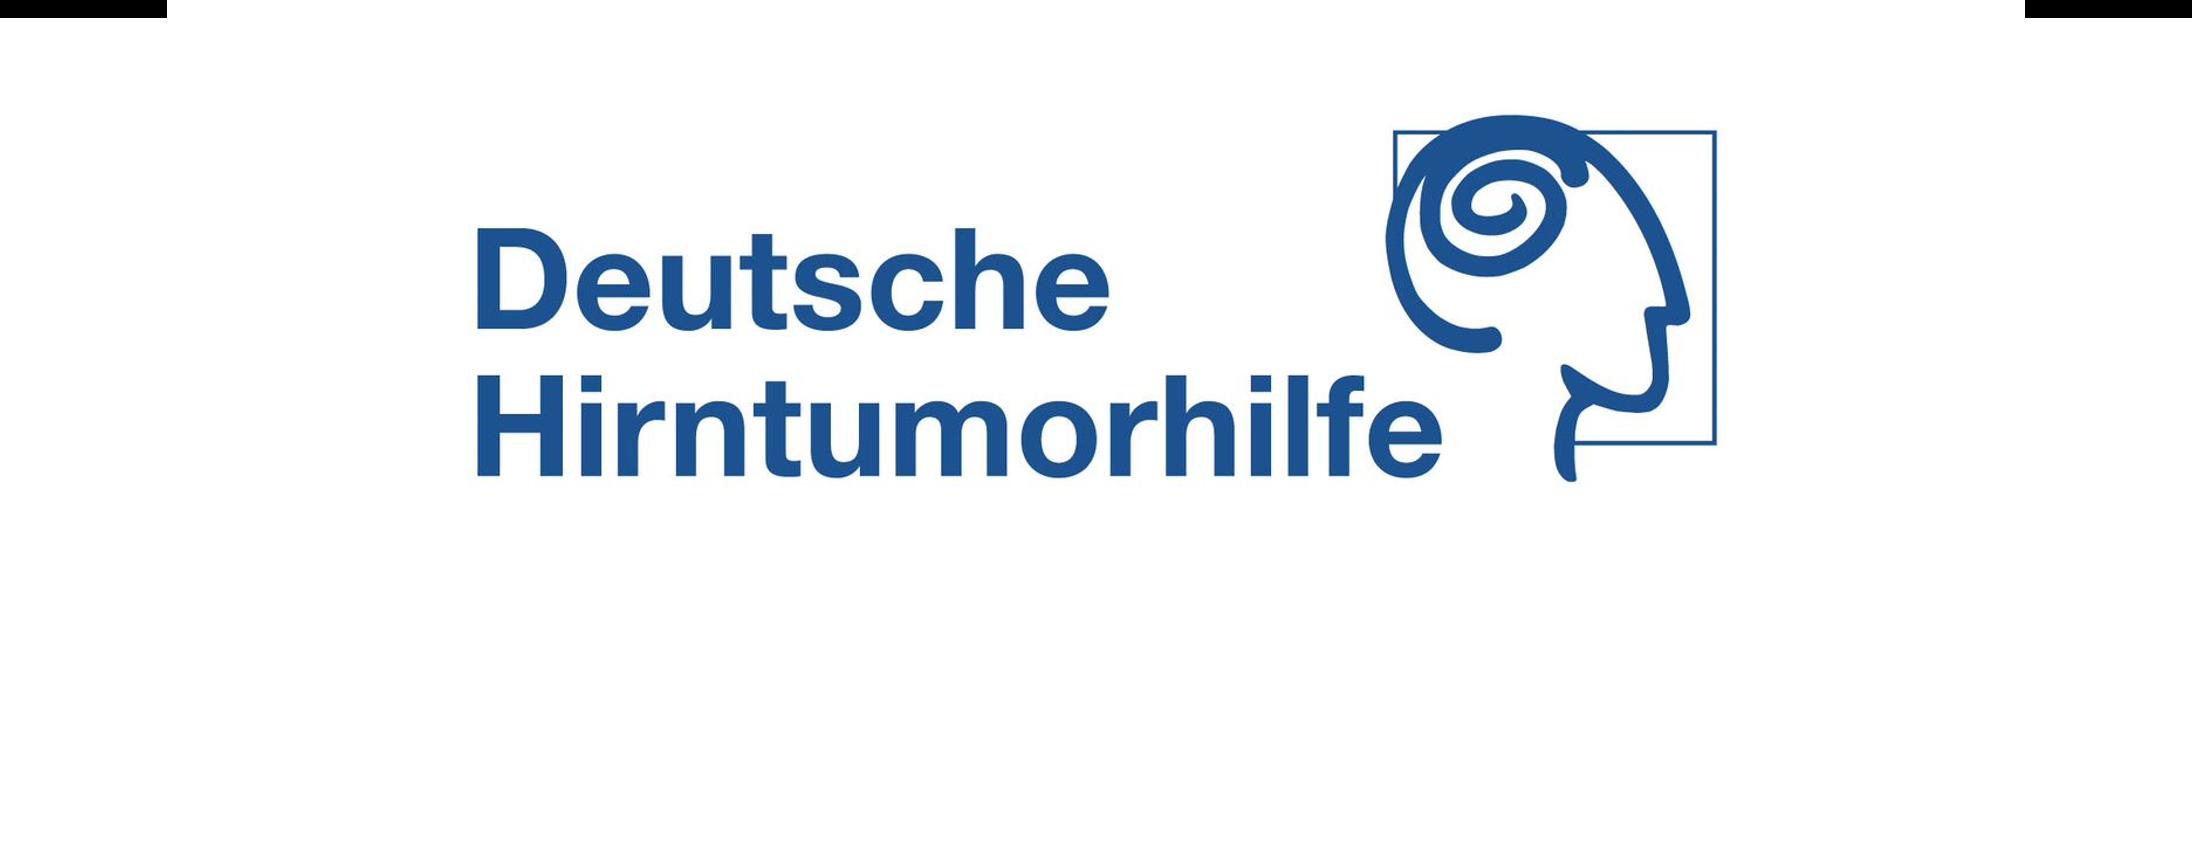 Deutsche Hirntumorhilfe Logo